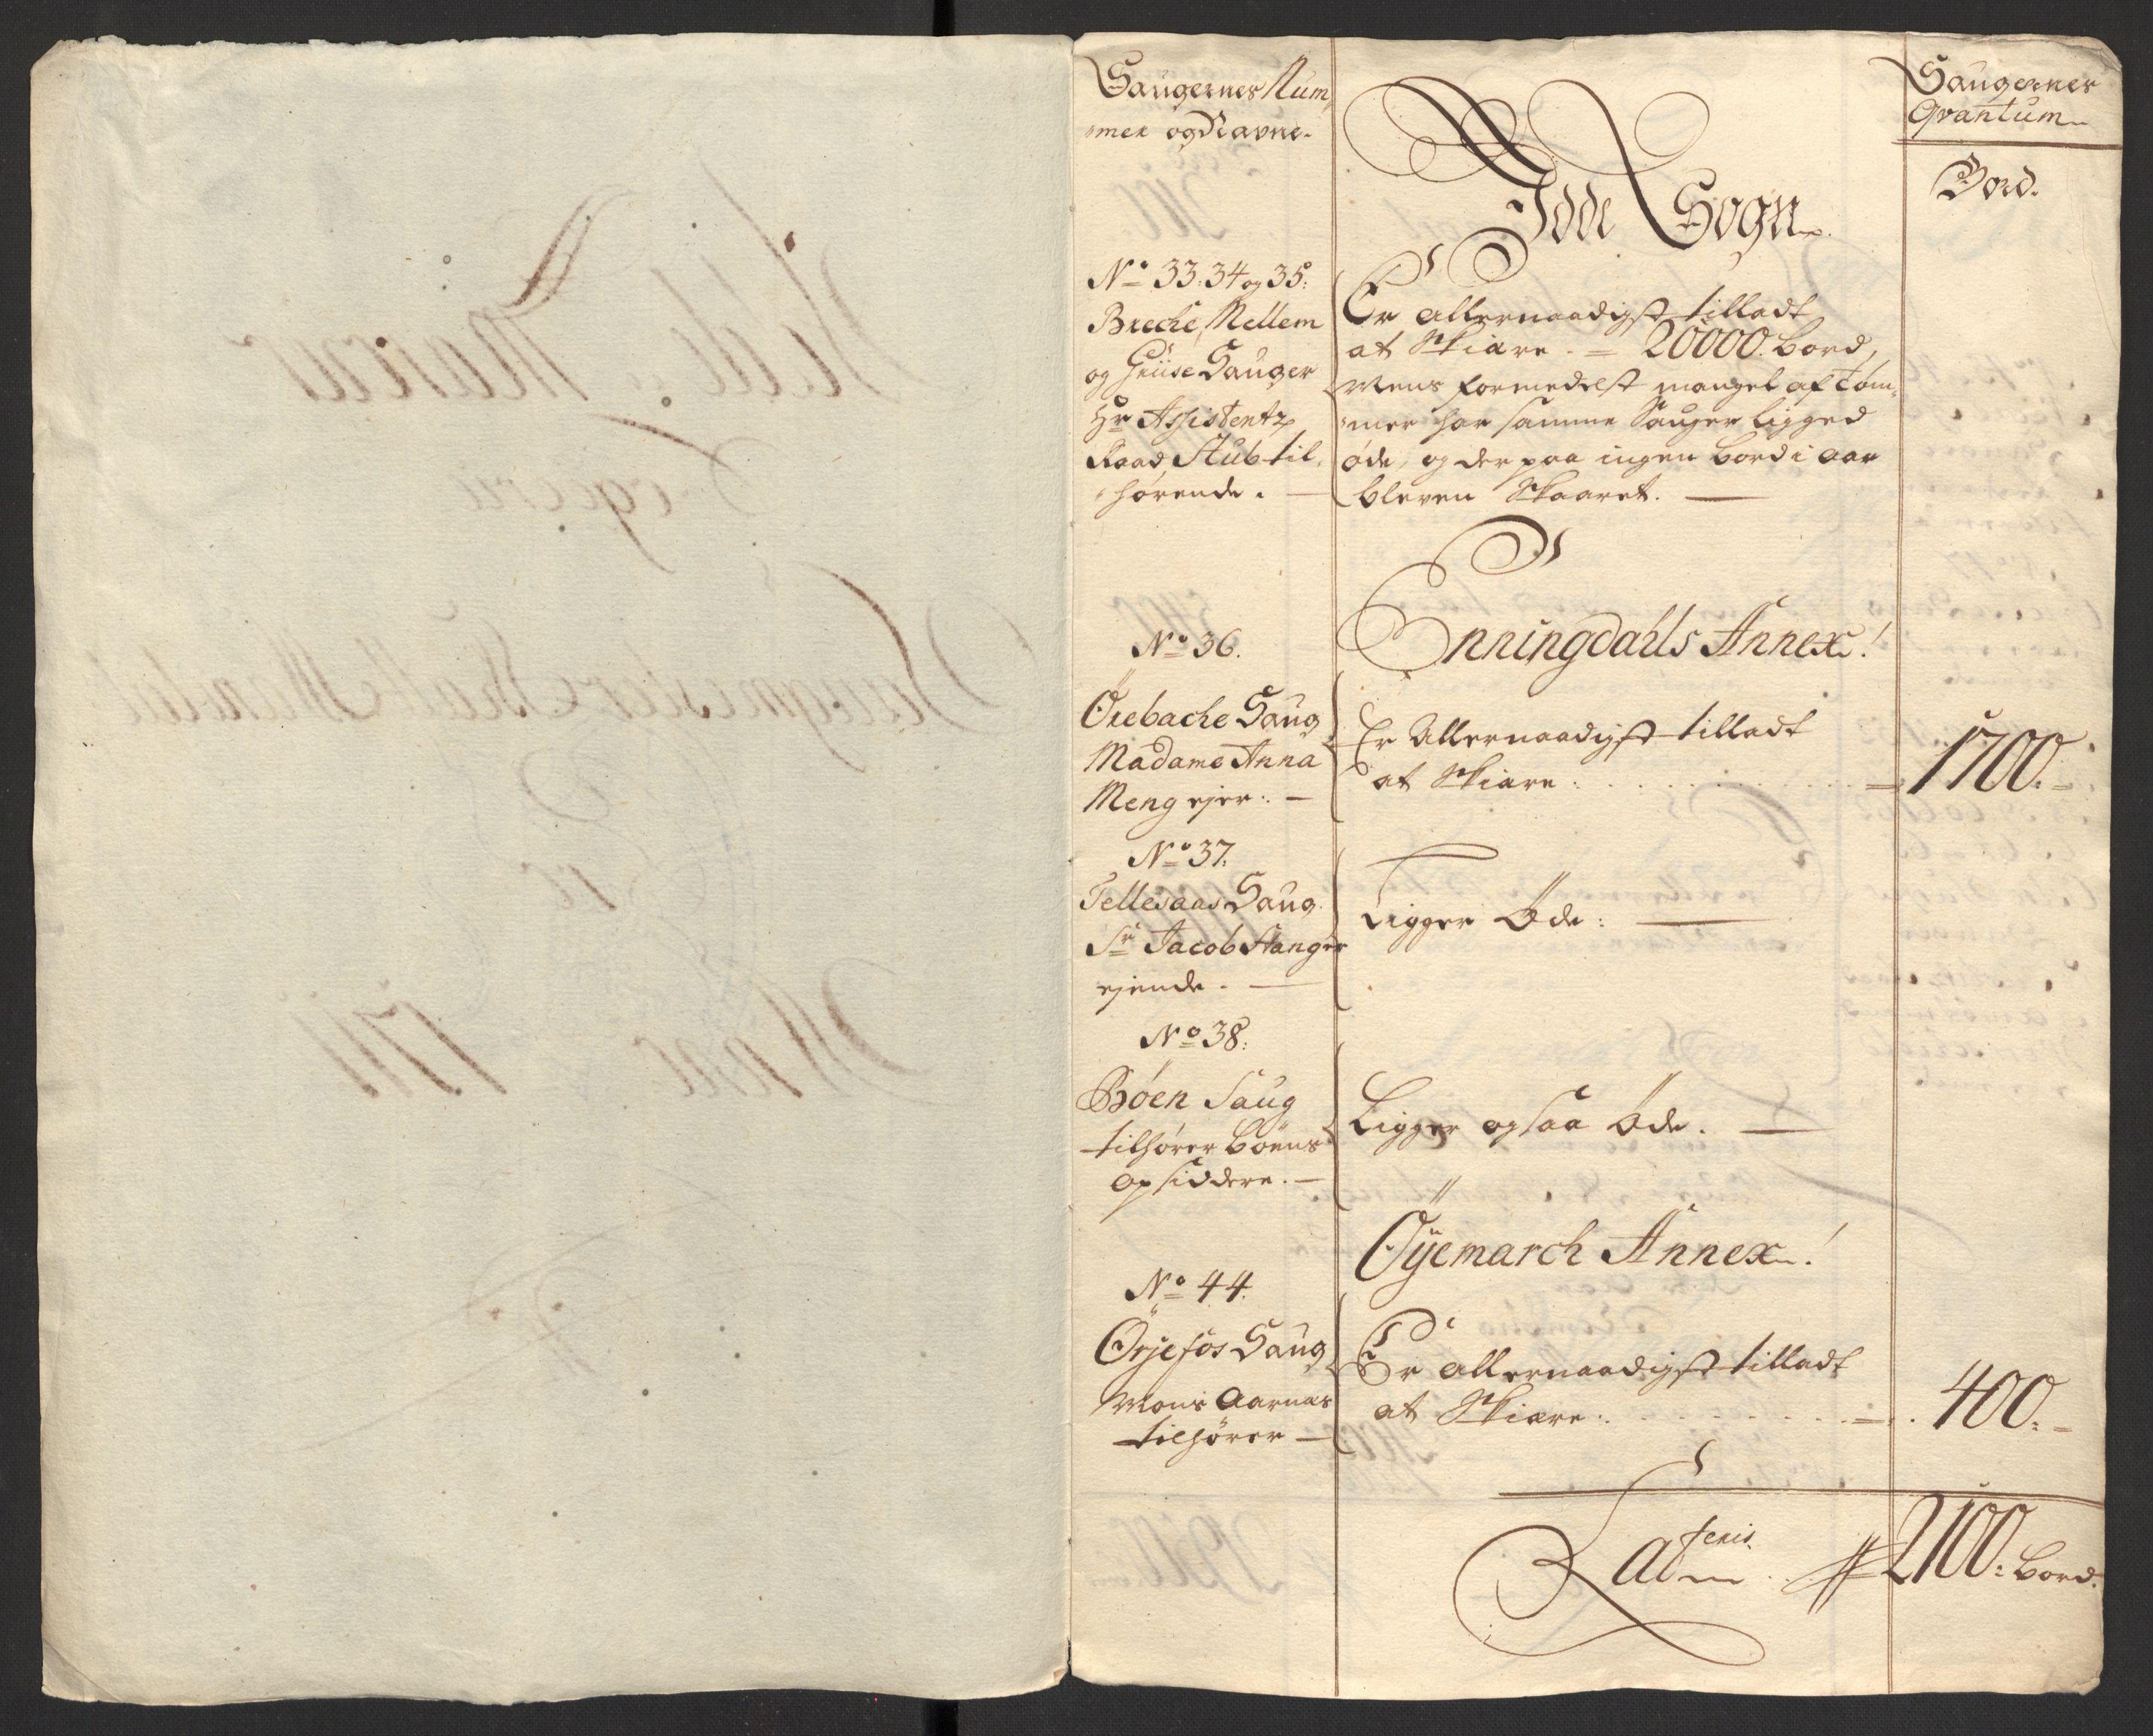 RA, Rentekammeret inntil 1814, Reviderte regnskaper, Fogderegnskap, R01/L0020: Fogderegnskap Idd og Marker, 1711, s. 88